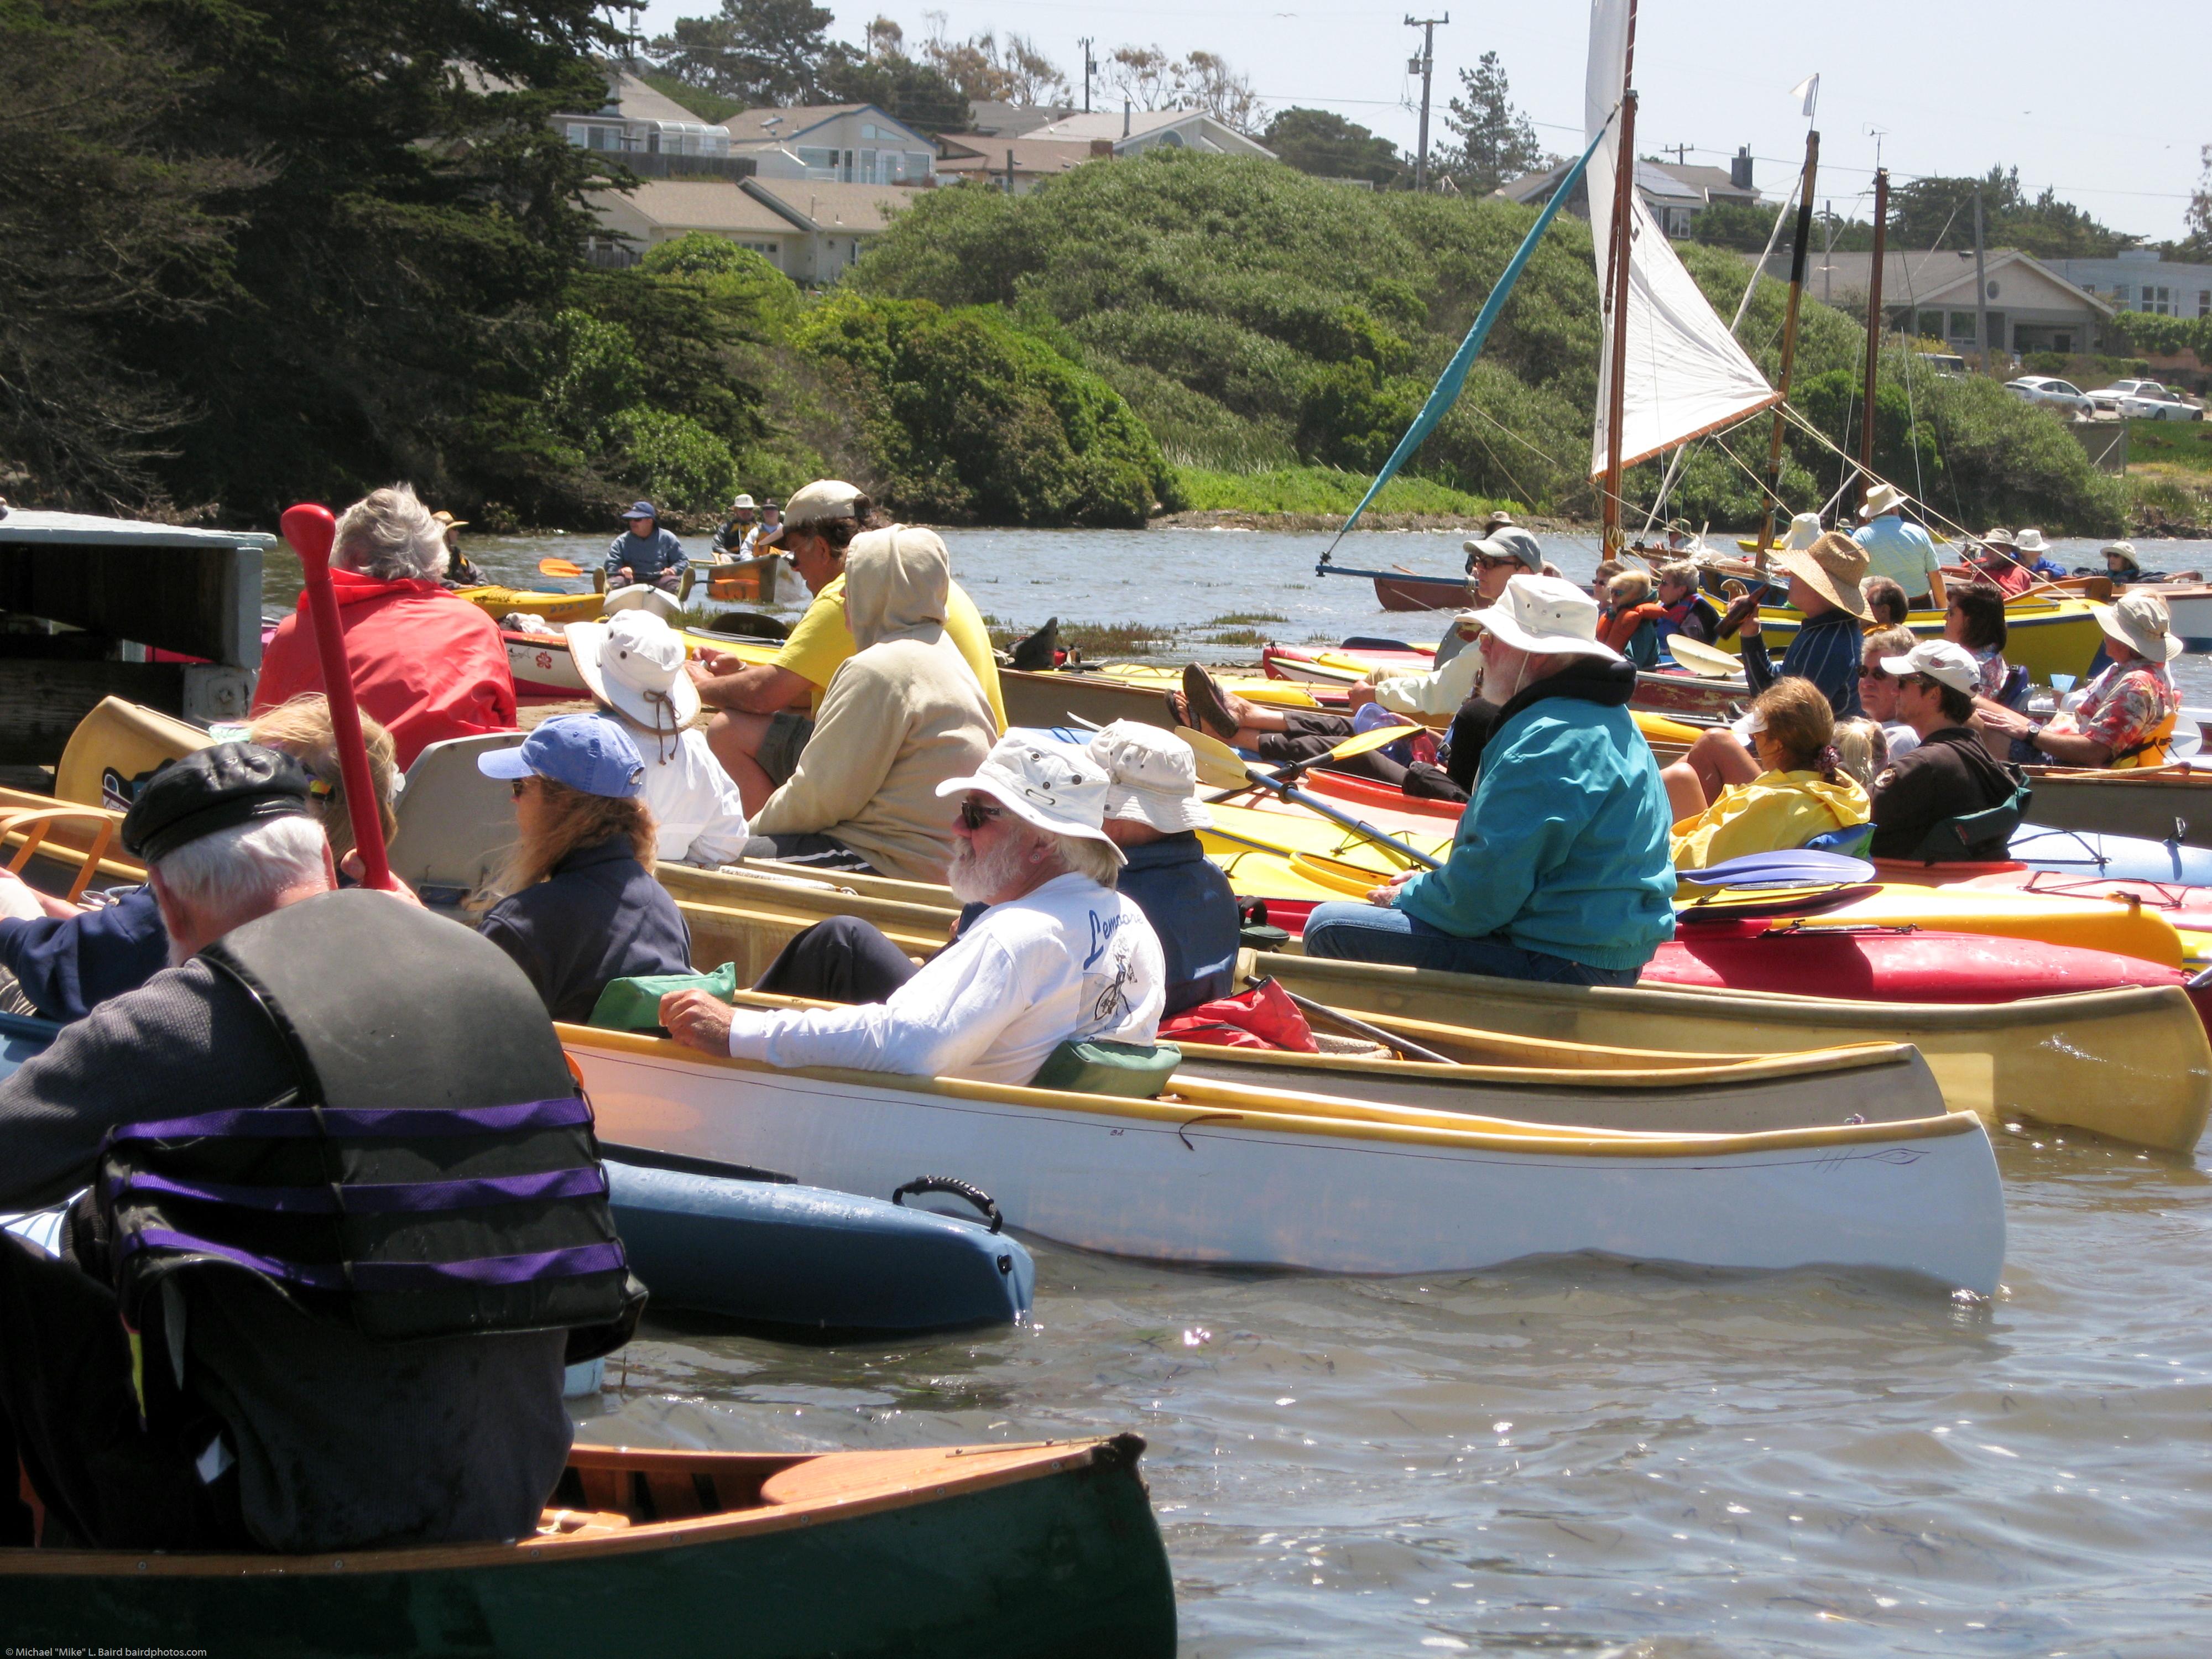 39 Inflatable Kayaks Orlandofl 39 39 Fishing Kayaks At Rei San Antonio 39